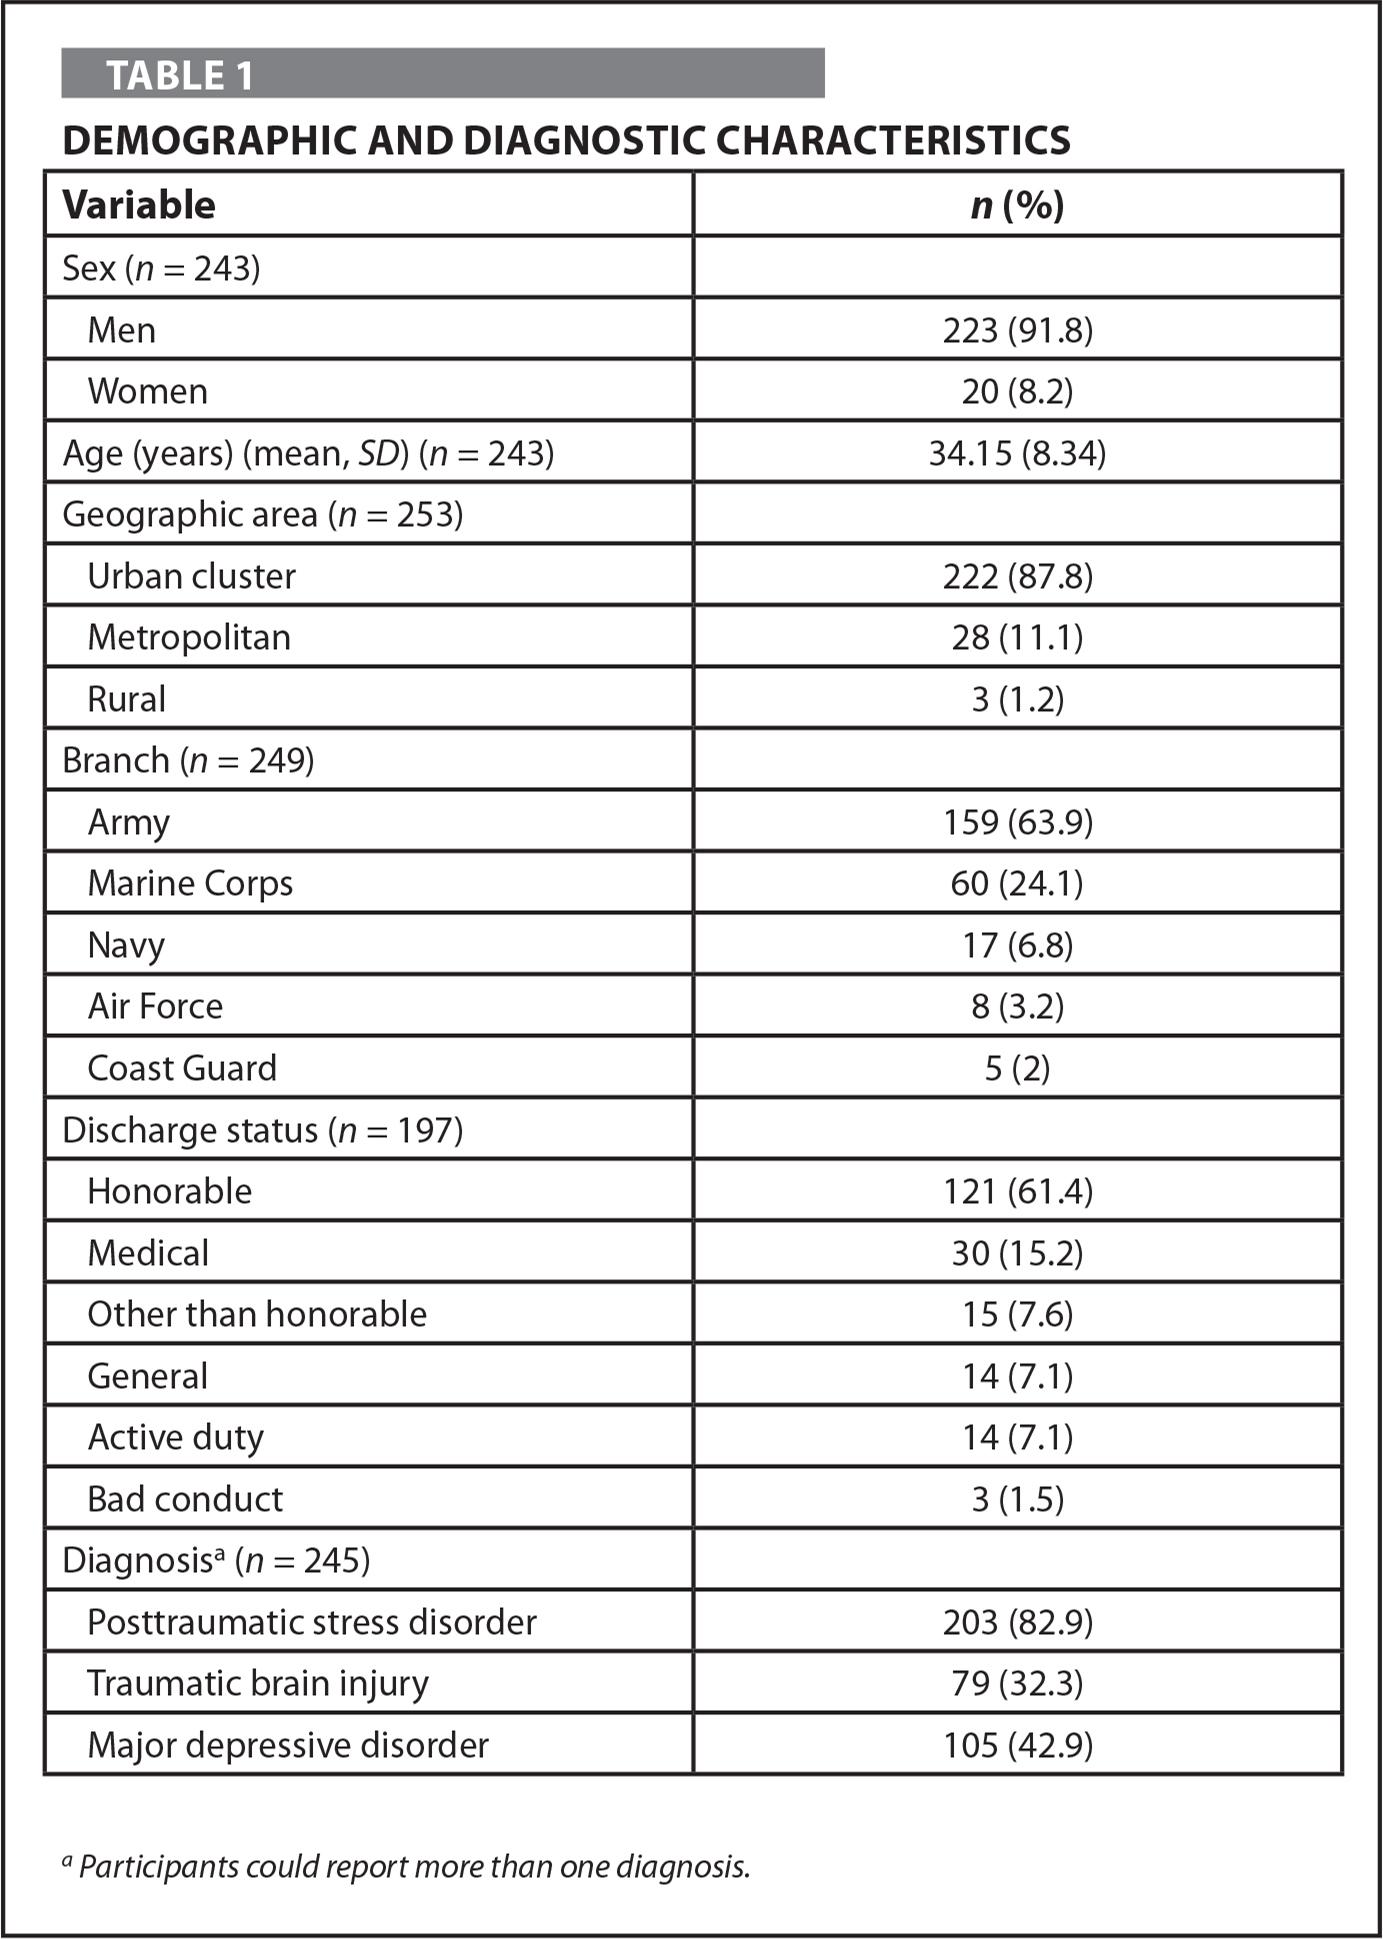 Demographic and Diagnostic Characteristics